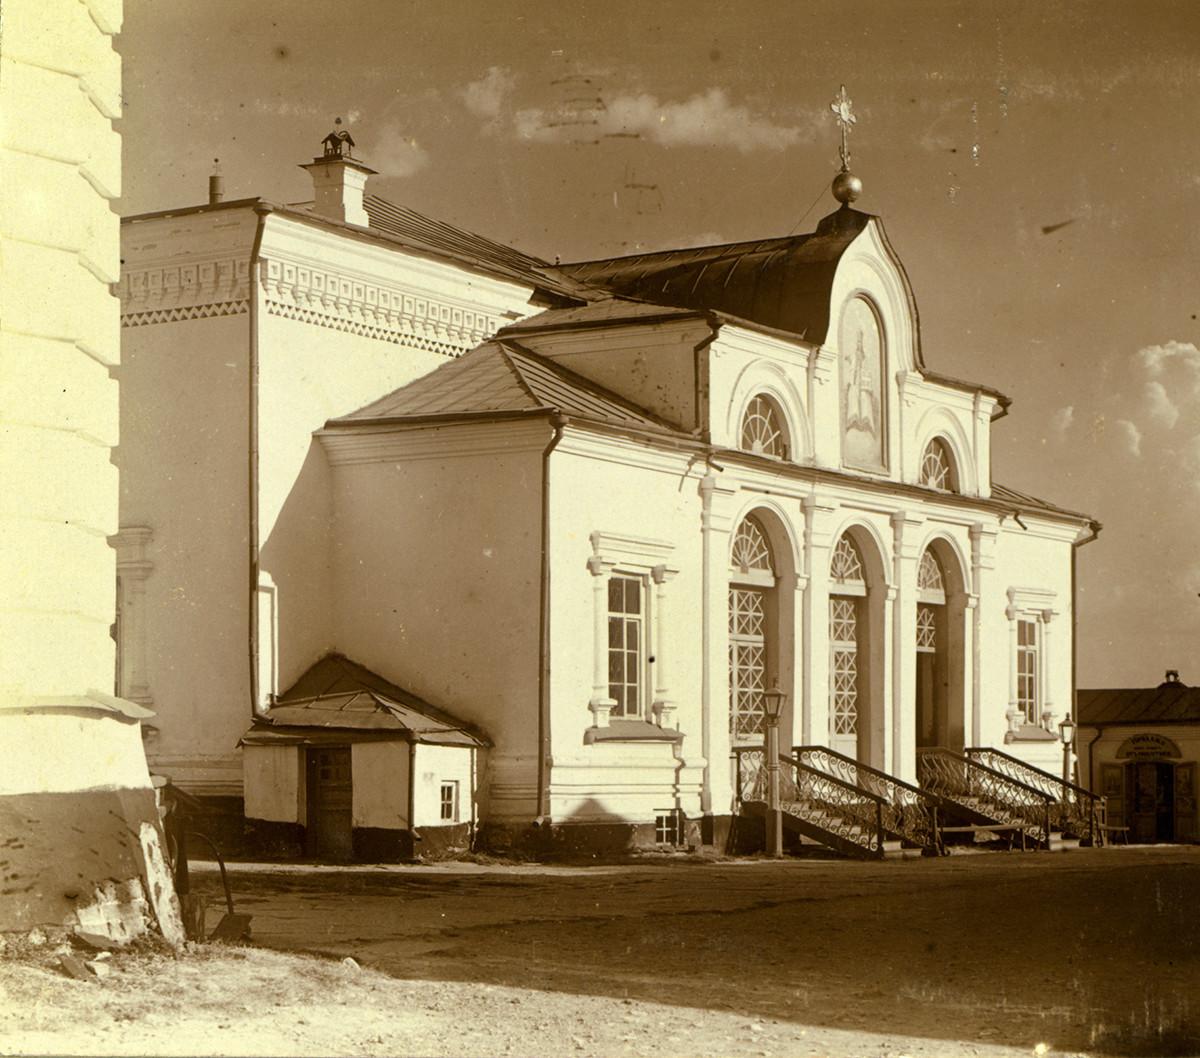 Iglesia de San Nicolás, vista noroeste. Demolida, reconstruida en forma diferente en 1998. Verano de 1909.